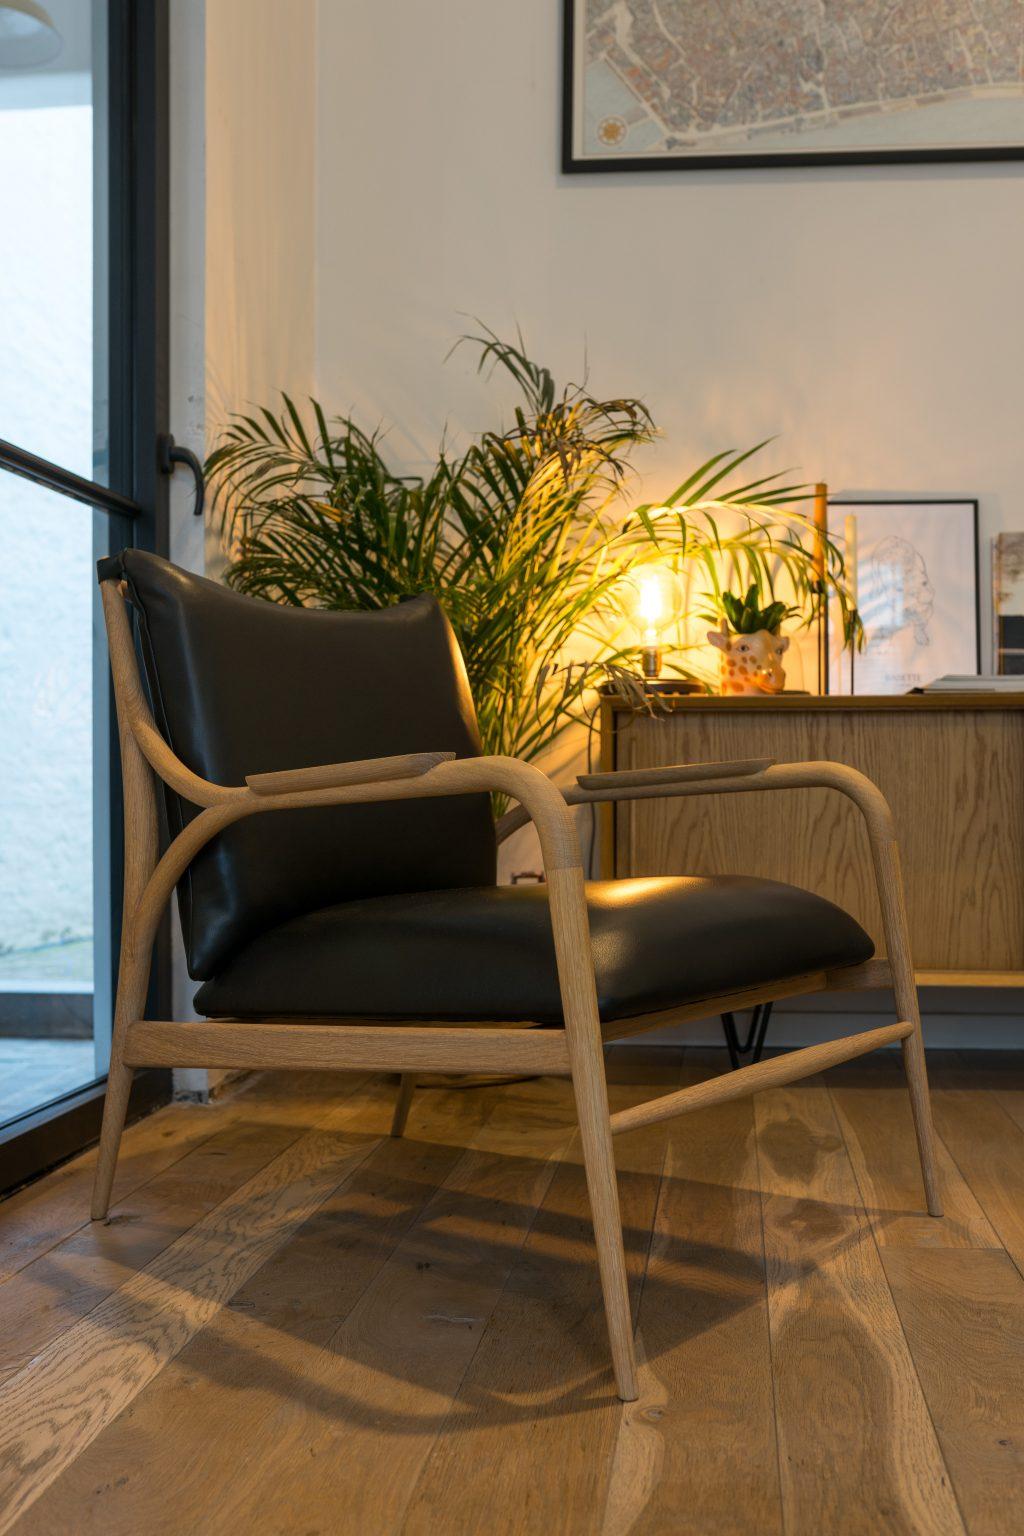 Biennale Interieur - Belgium's leading design and interior event - Dsc04279.jpg